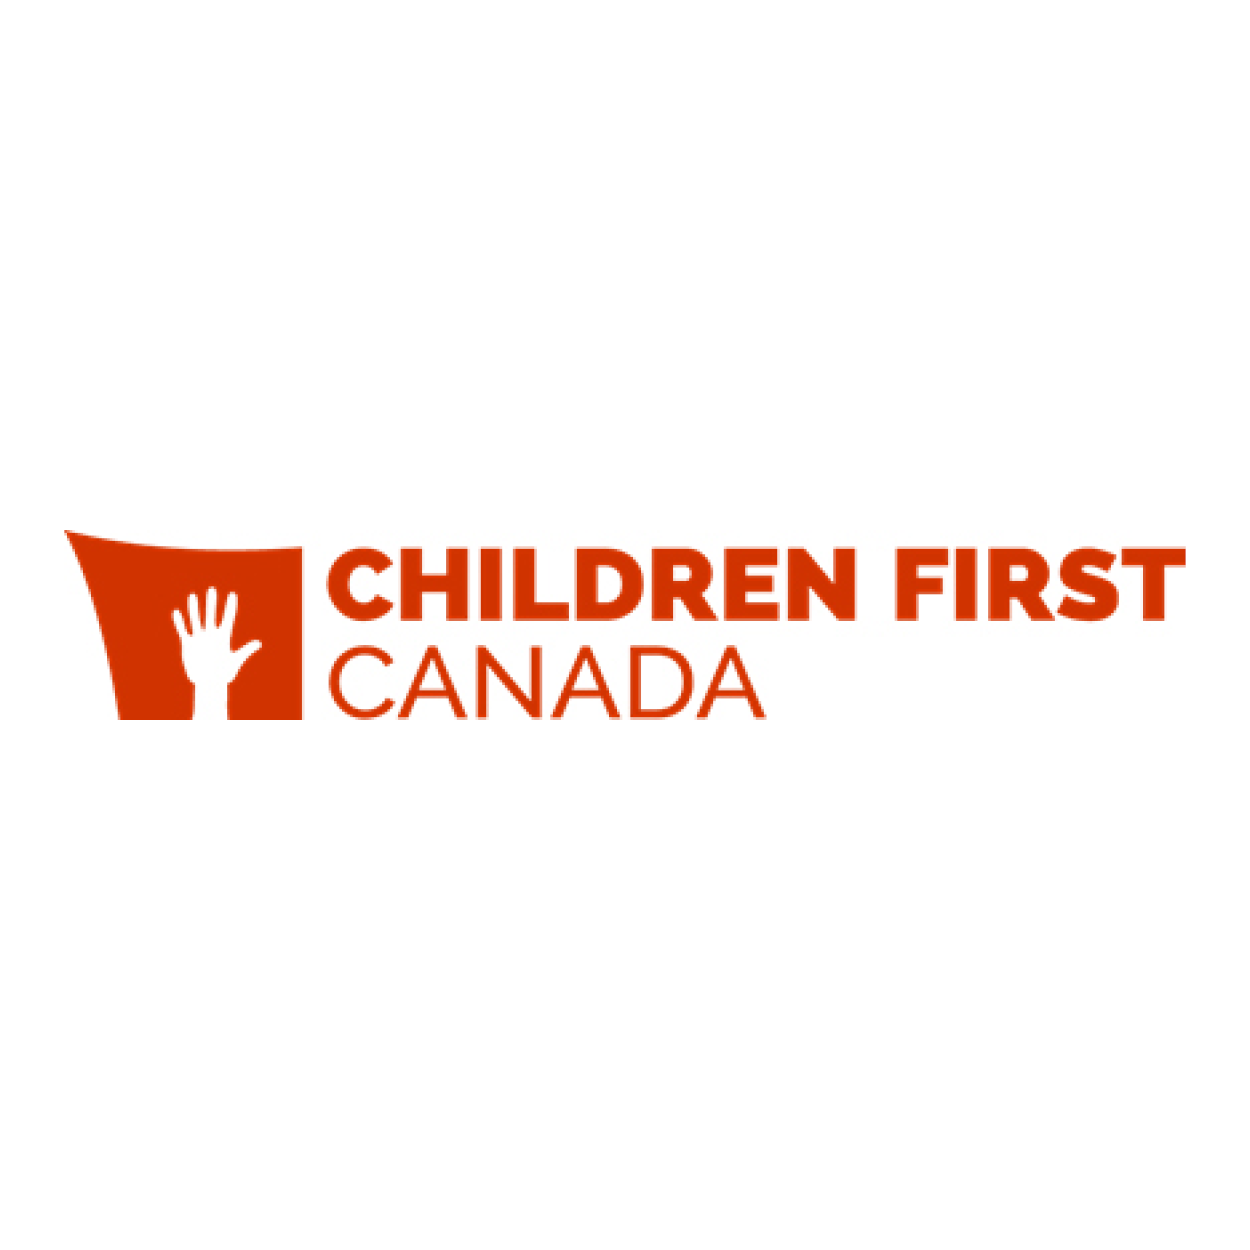 Children First Canada